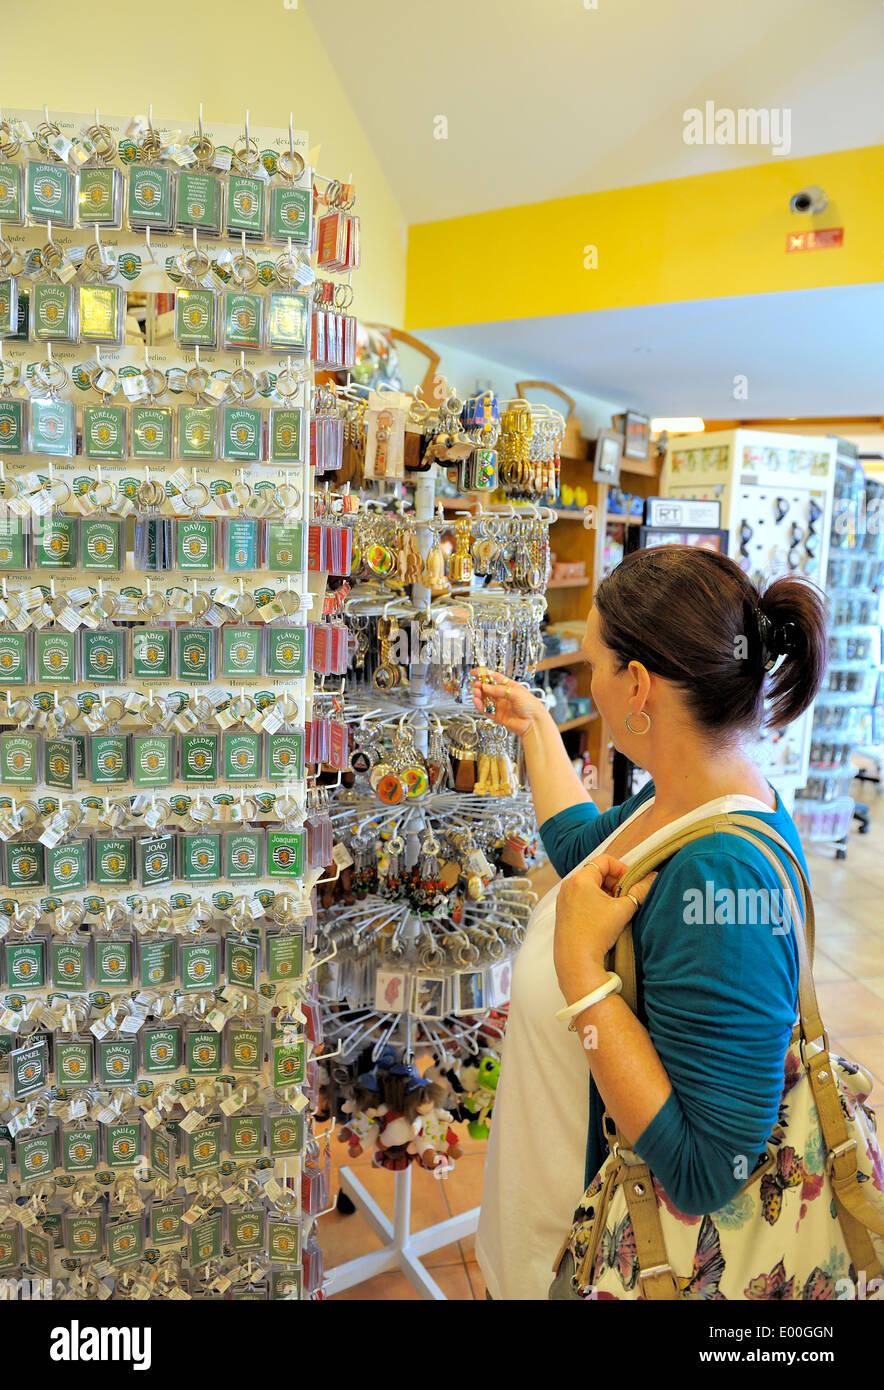 Madeira Portogallo. Una donna di mezza età navigando in un negozio di souvenir Immagini Stock